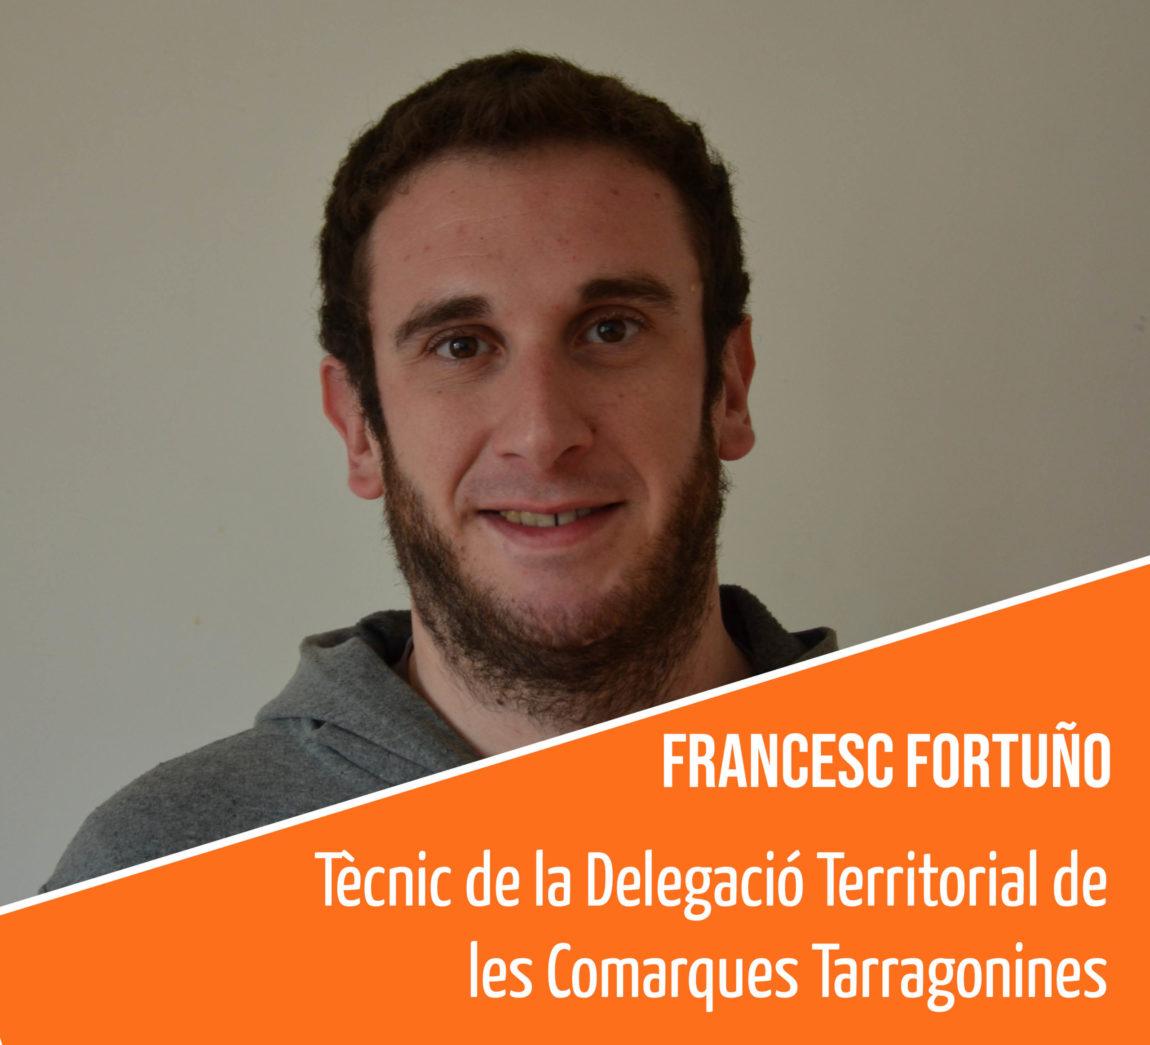 Coneix l'equip humà de la FAC: Francesc Fortuño, tècnic de la Delegació Territorial de les comarques tarragonines